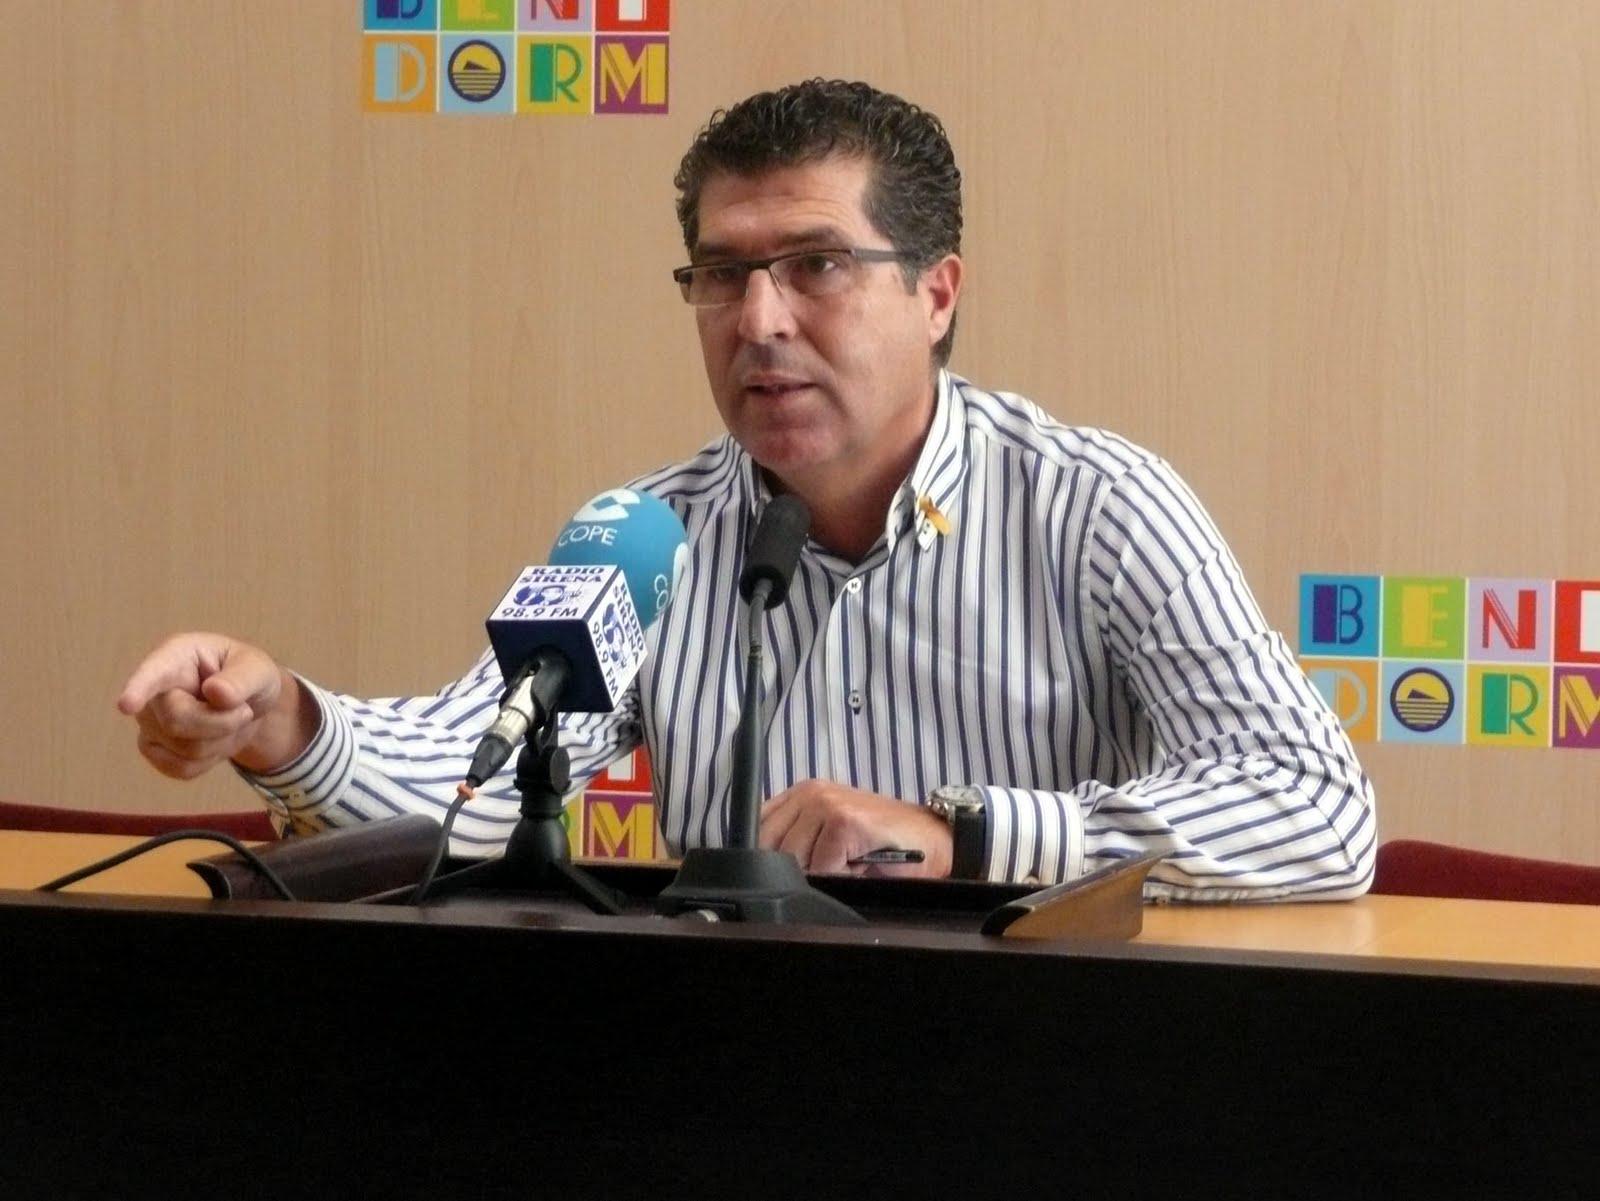 Pérez Fenoll solicita devolver la dedicación exclusiva cobrada indebidamente en Les Corts